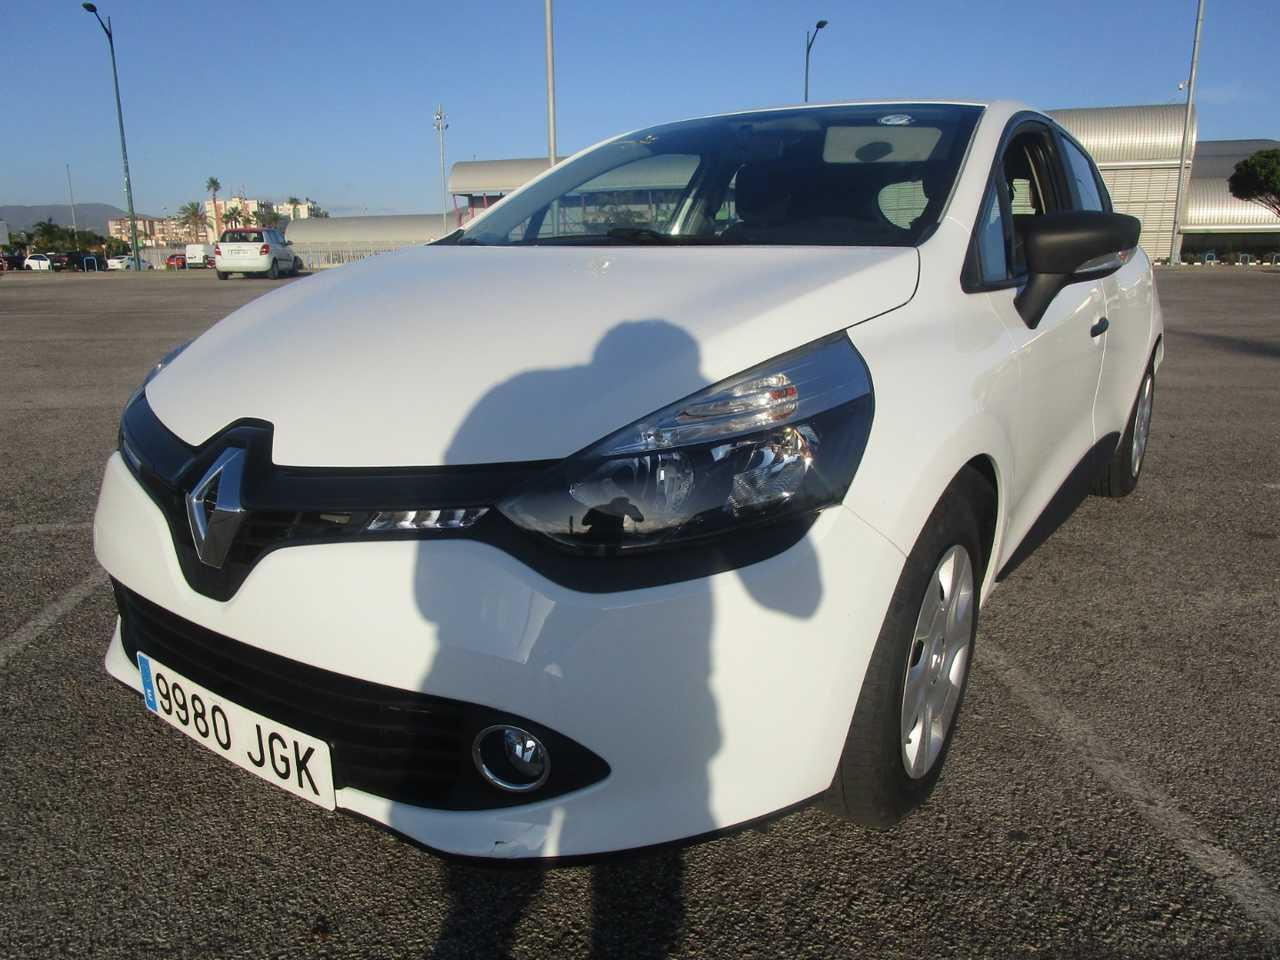 Renault Clio 4 15 DCI BUSINESS 75 CV UN SOLO PROPIETARIO, CERTIFICADO DE KM Y CARROCERIA   - Foto 1